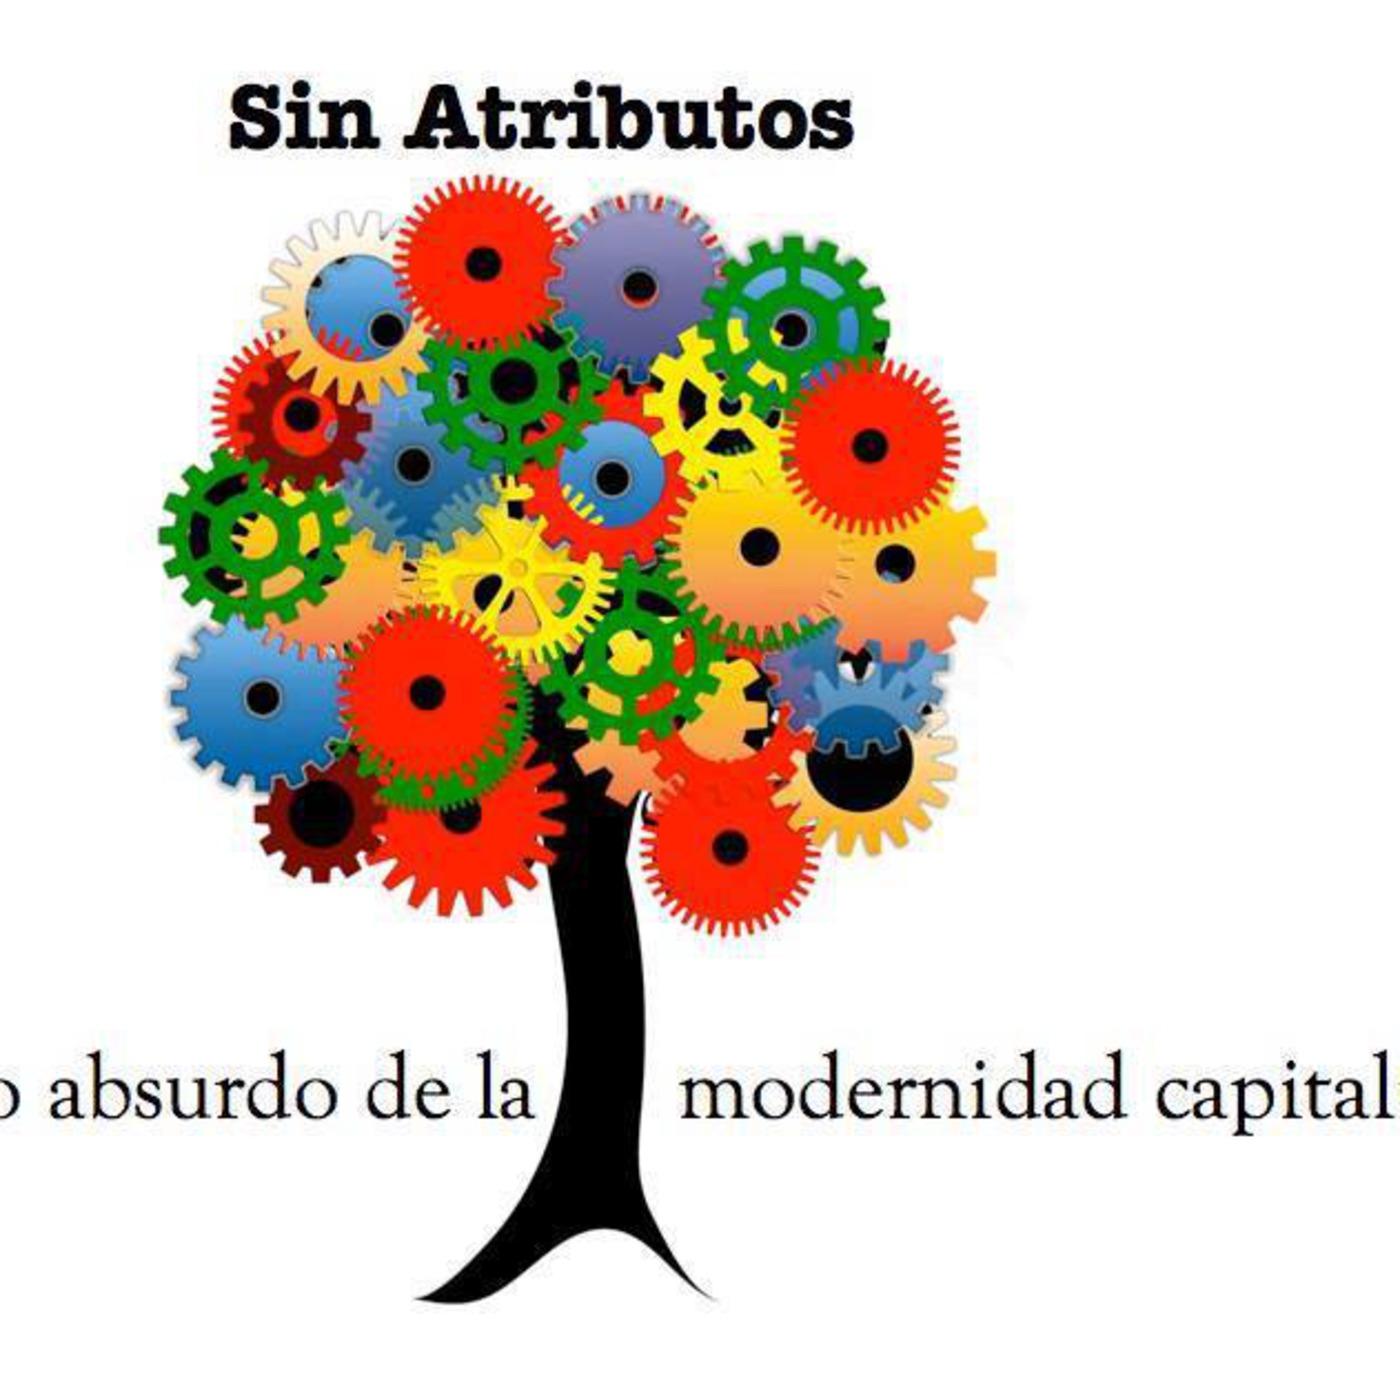 Sin Atributos